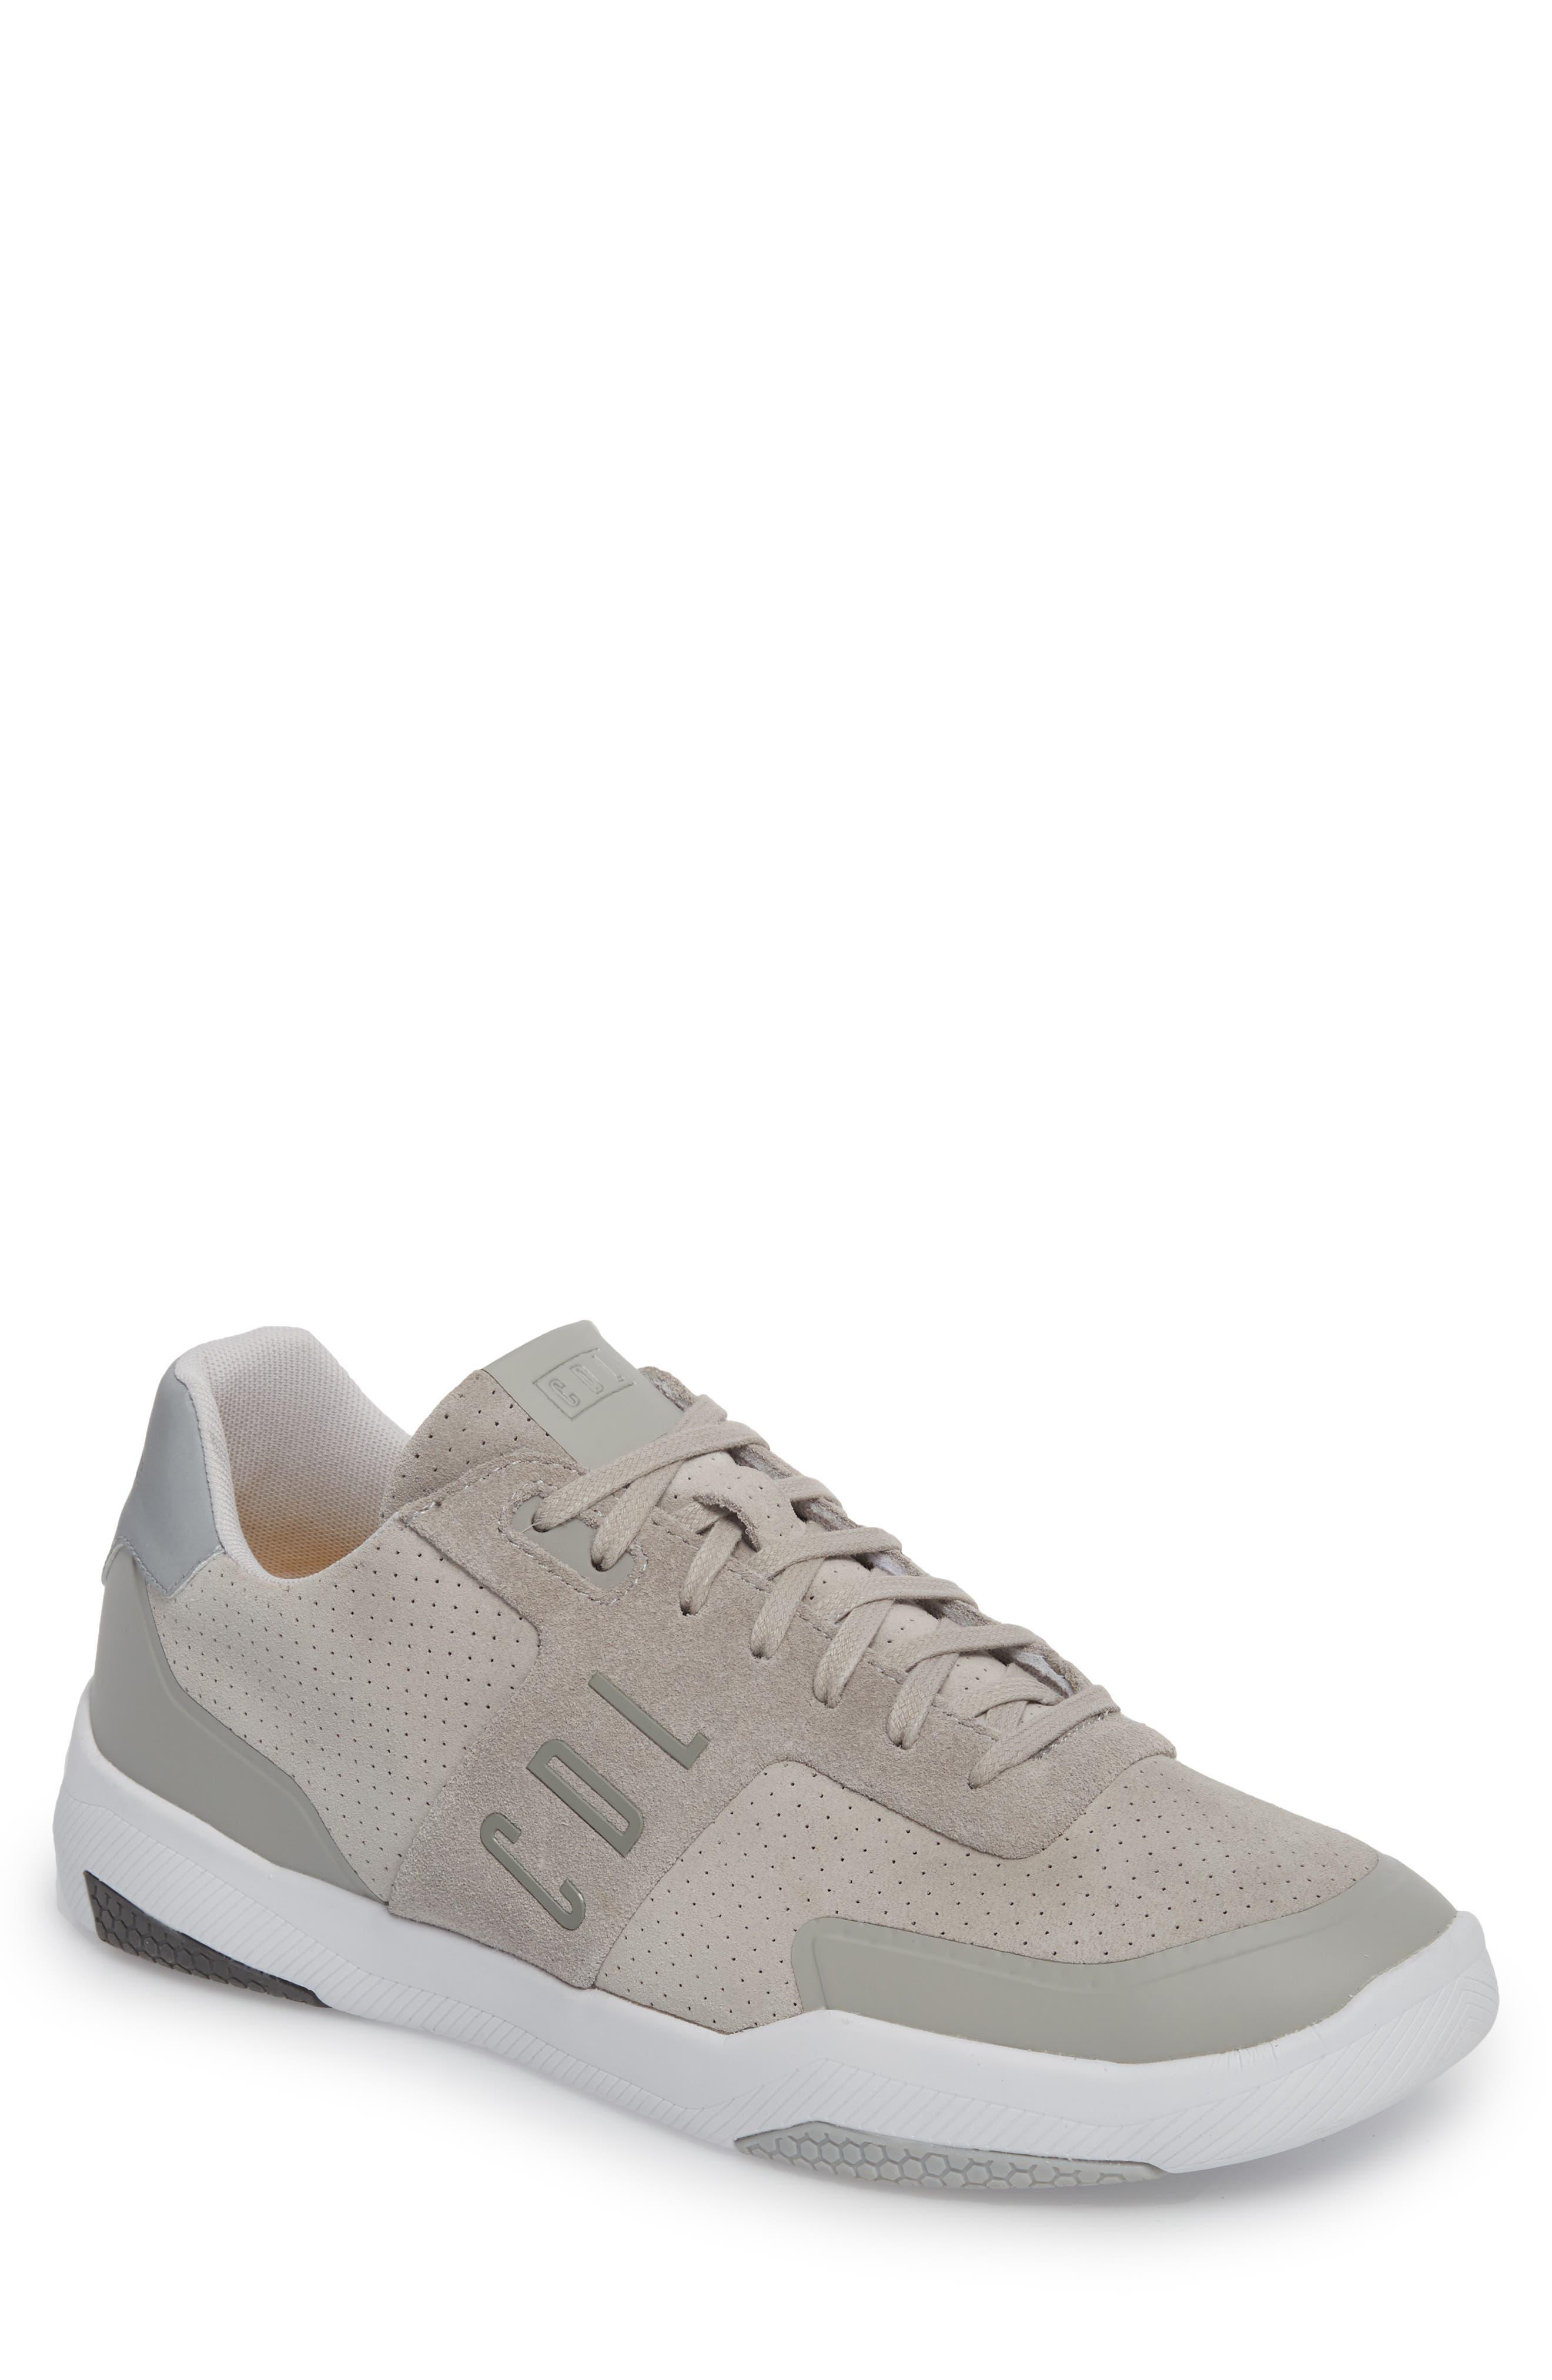 Shima Low Top Sneaker,                         Main,                         color, Grey Suede